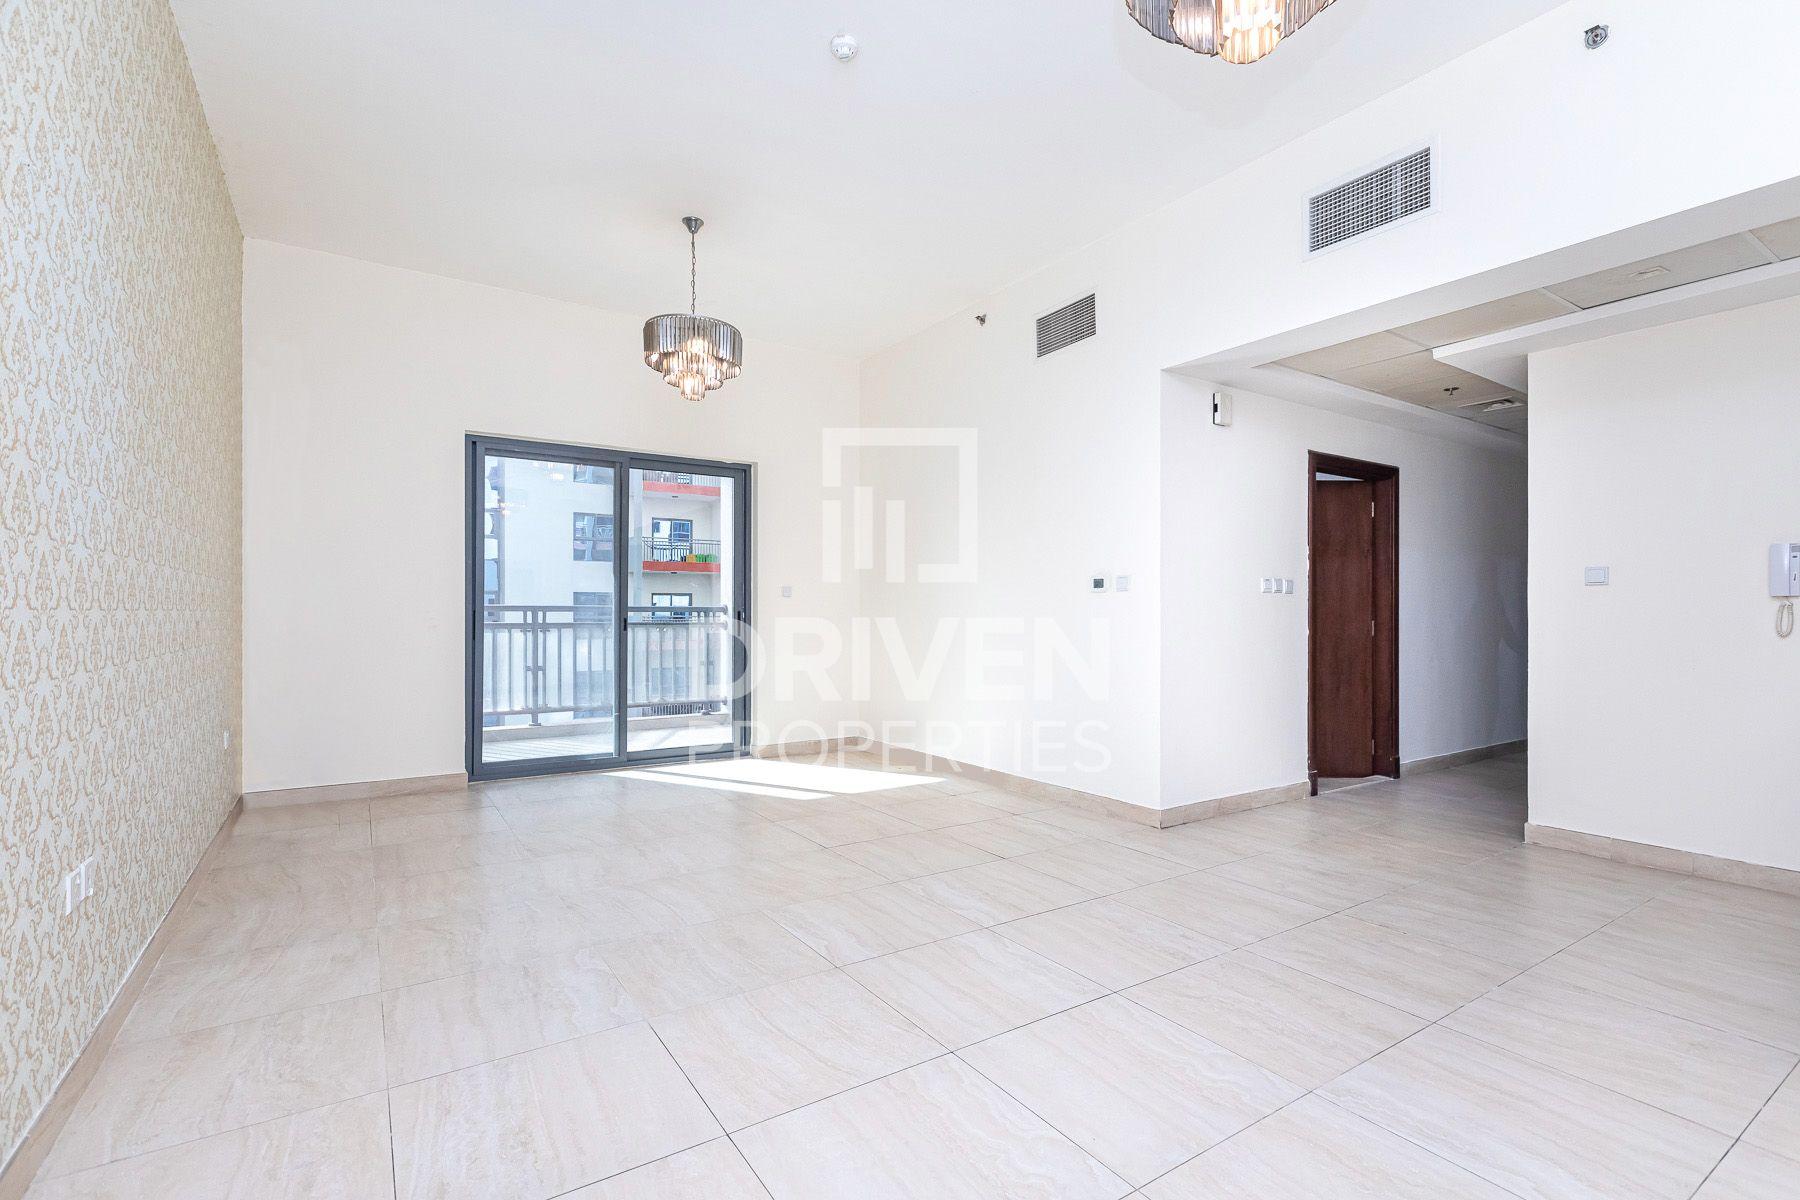 1,447 قدم مربع  شقة - للبيع - الفرجان